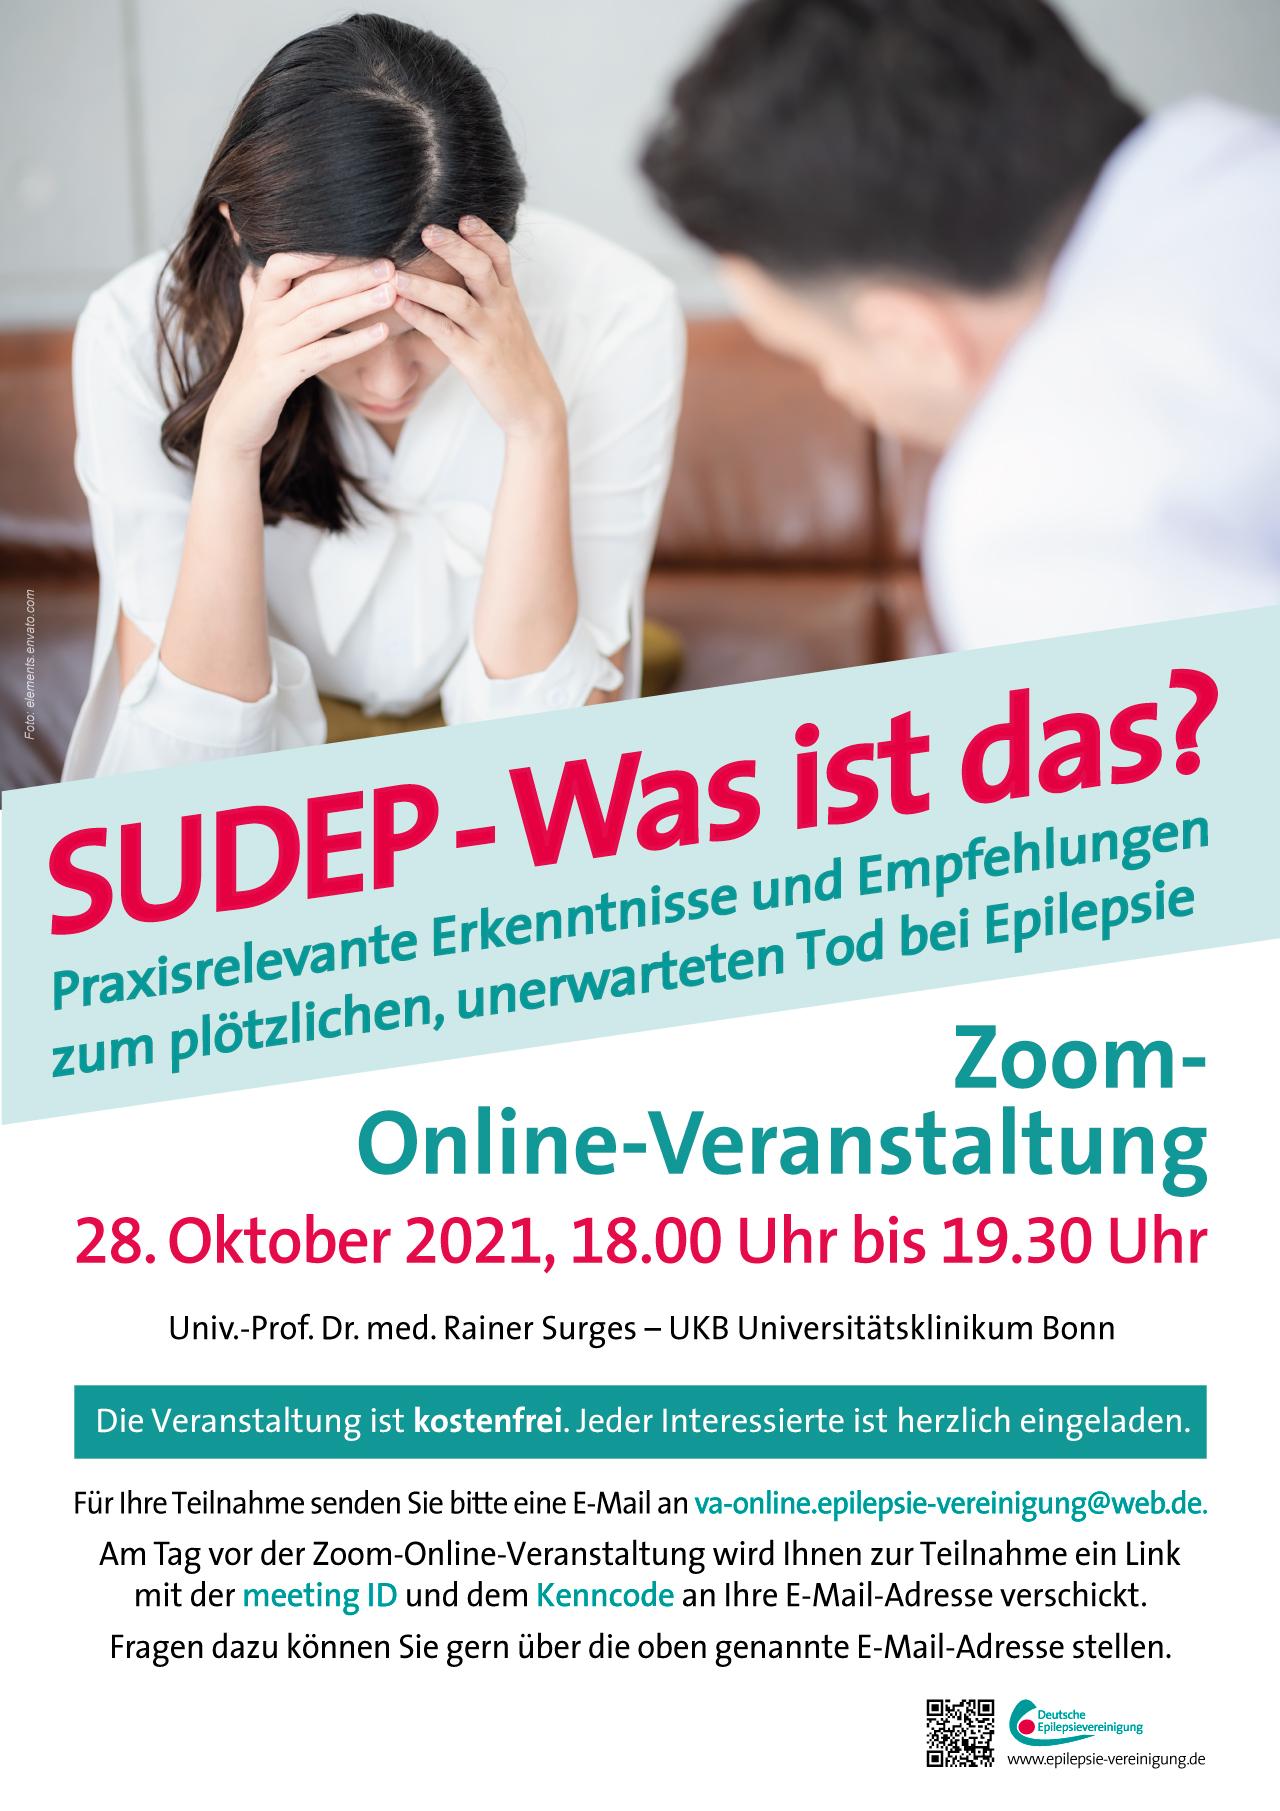 Online-Vortrag zu SUDEP